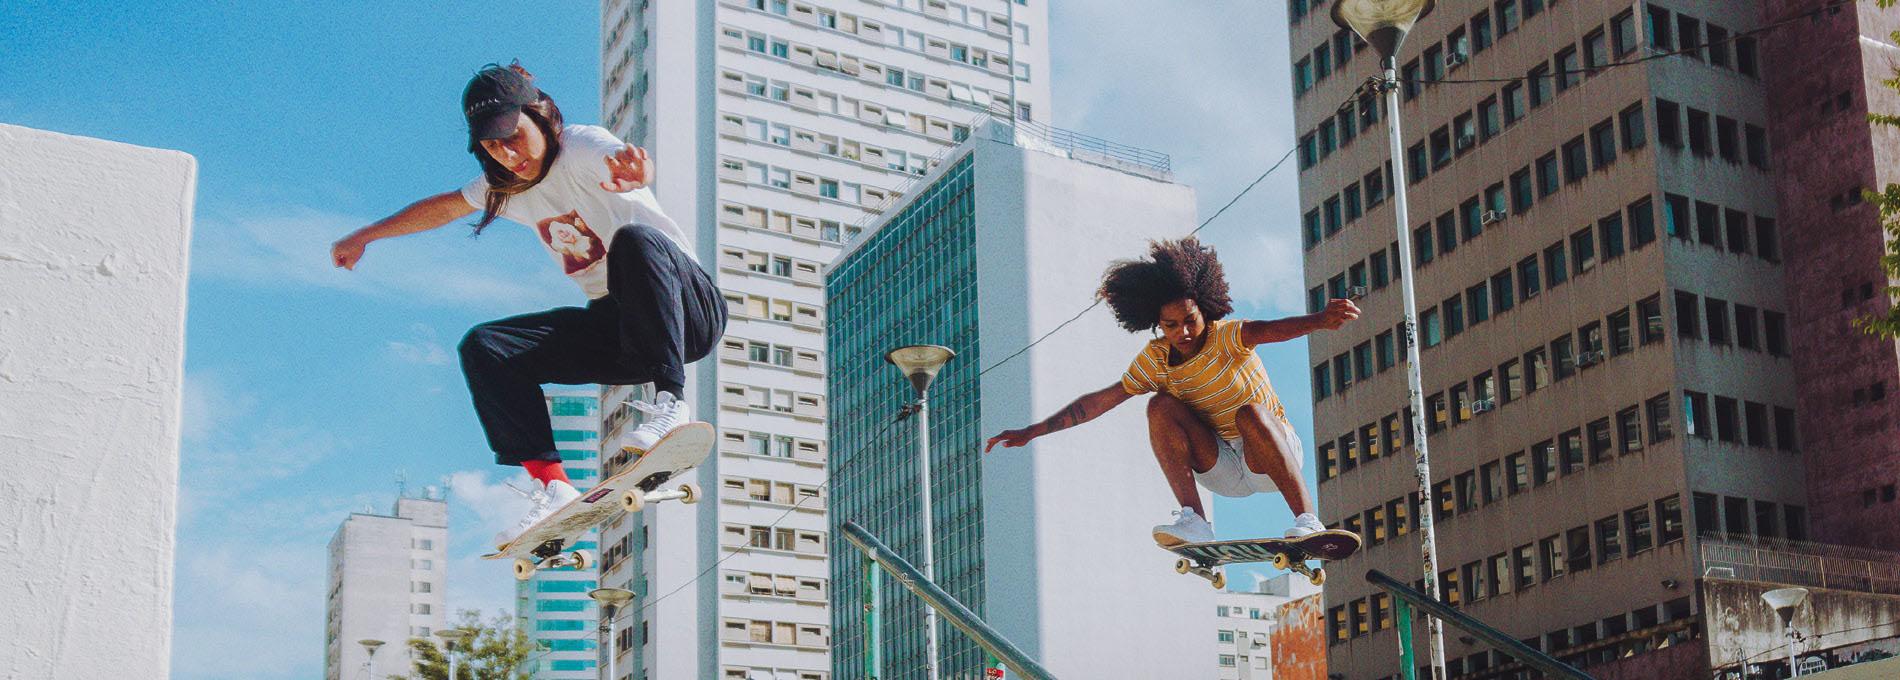 O boom do skate feminino